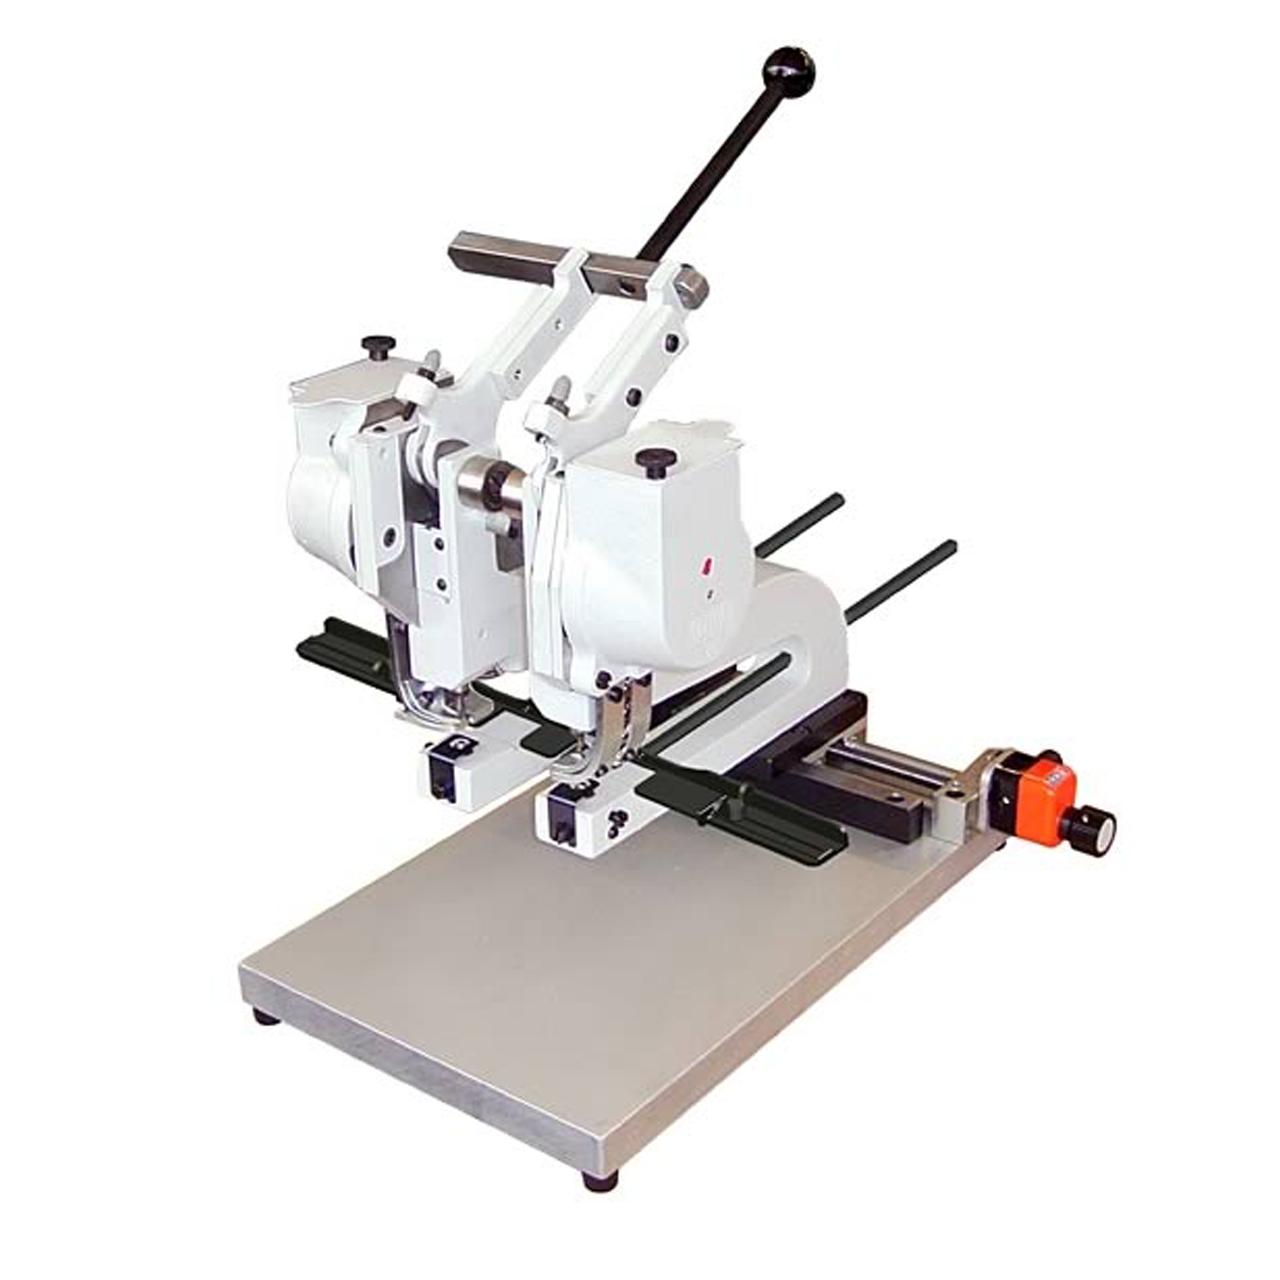 Ösmaschine Hang Piccolo Doppel Modell 101-80